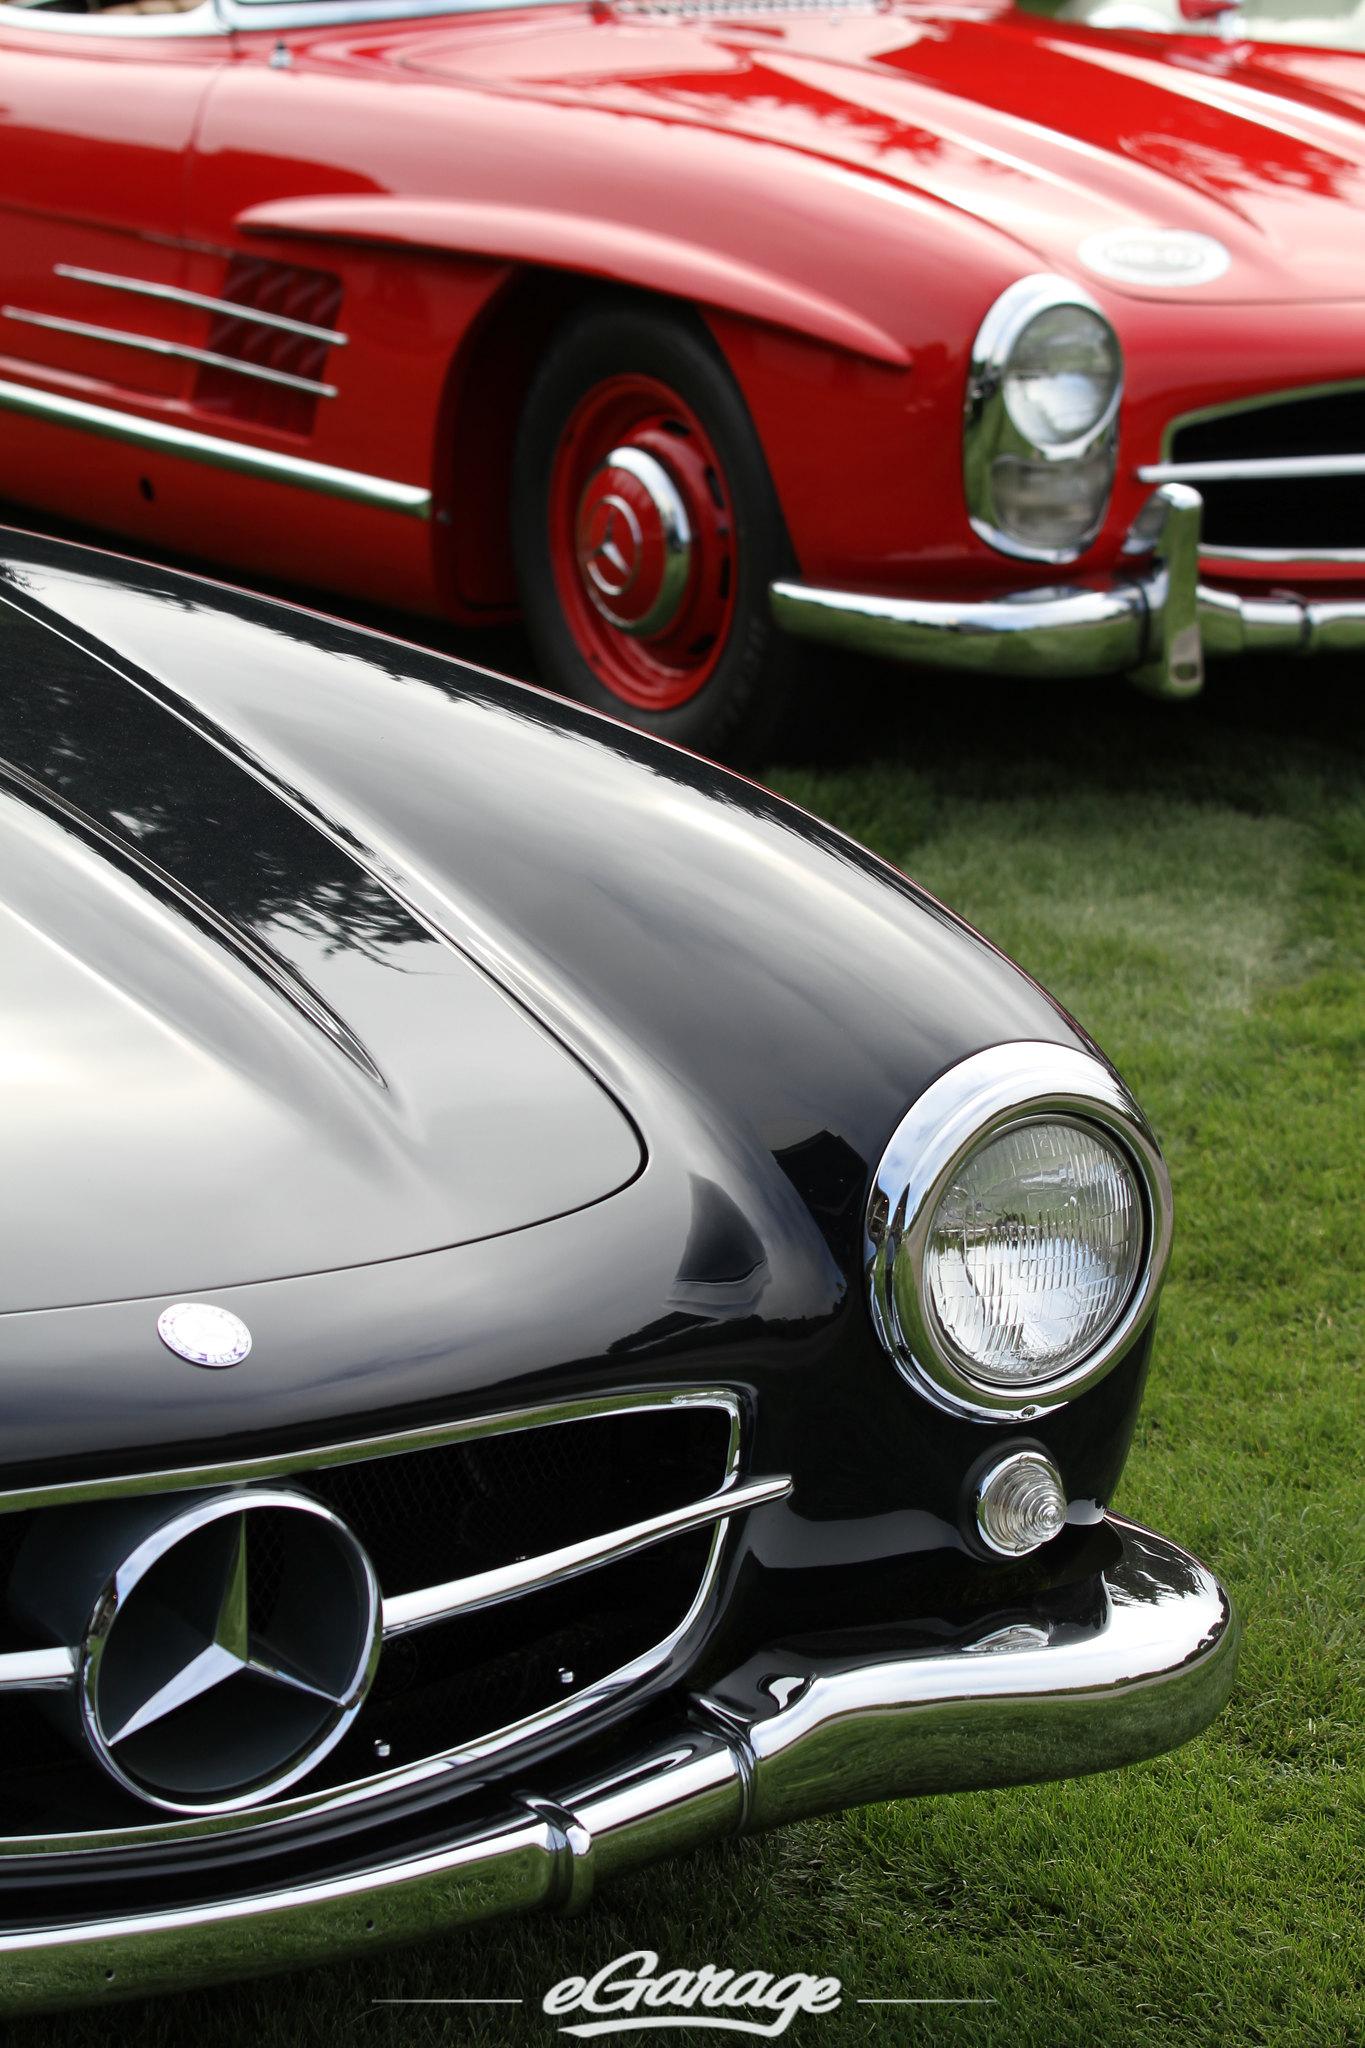 7828738682 88bdcedcd0 k Mercedes Benz Classic